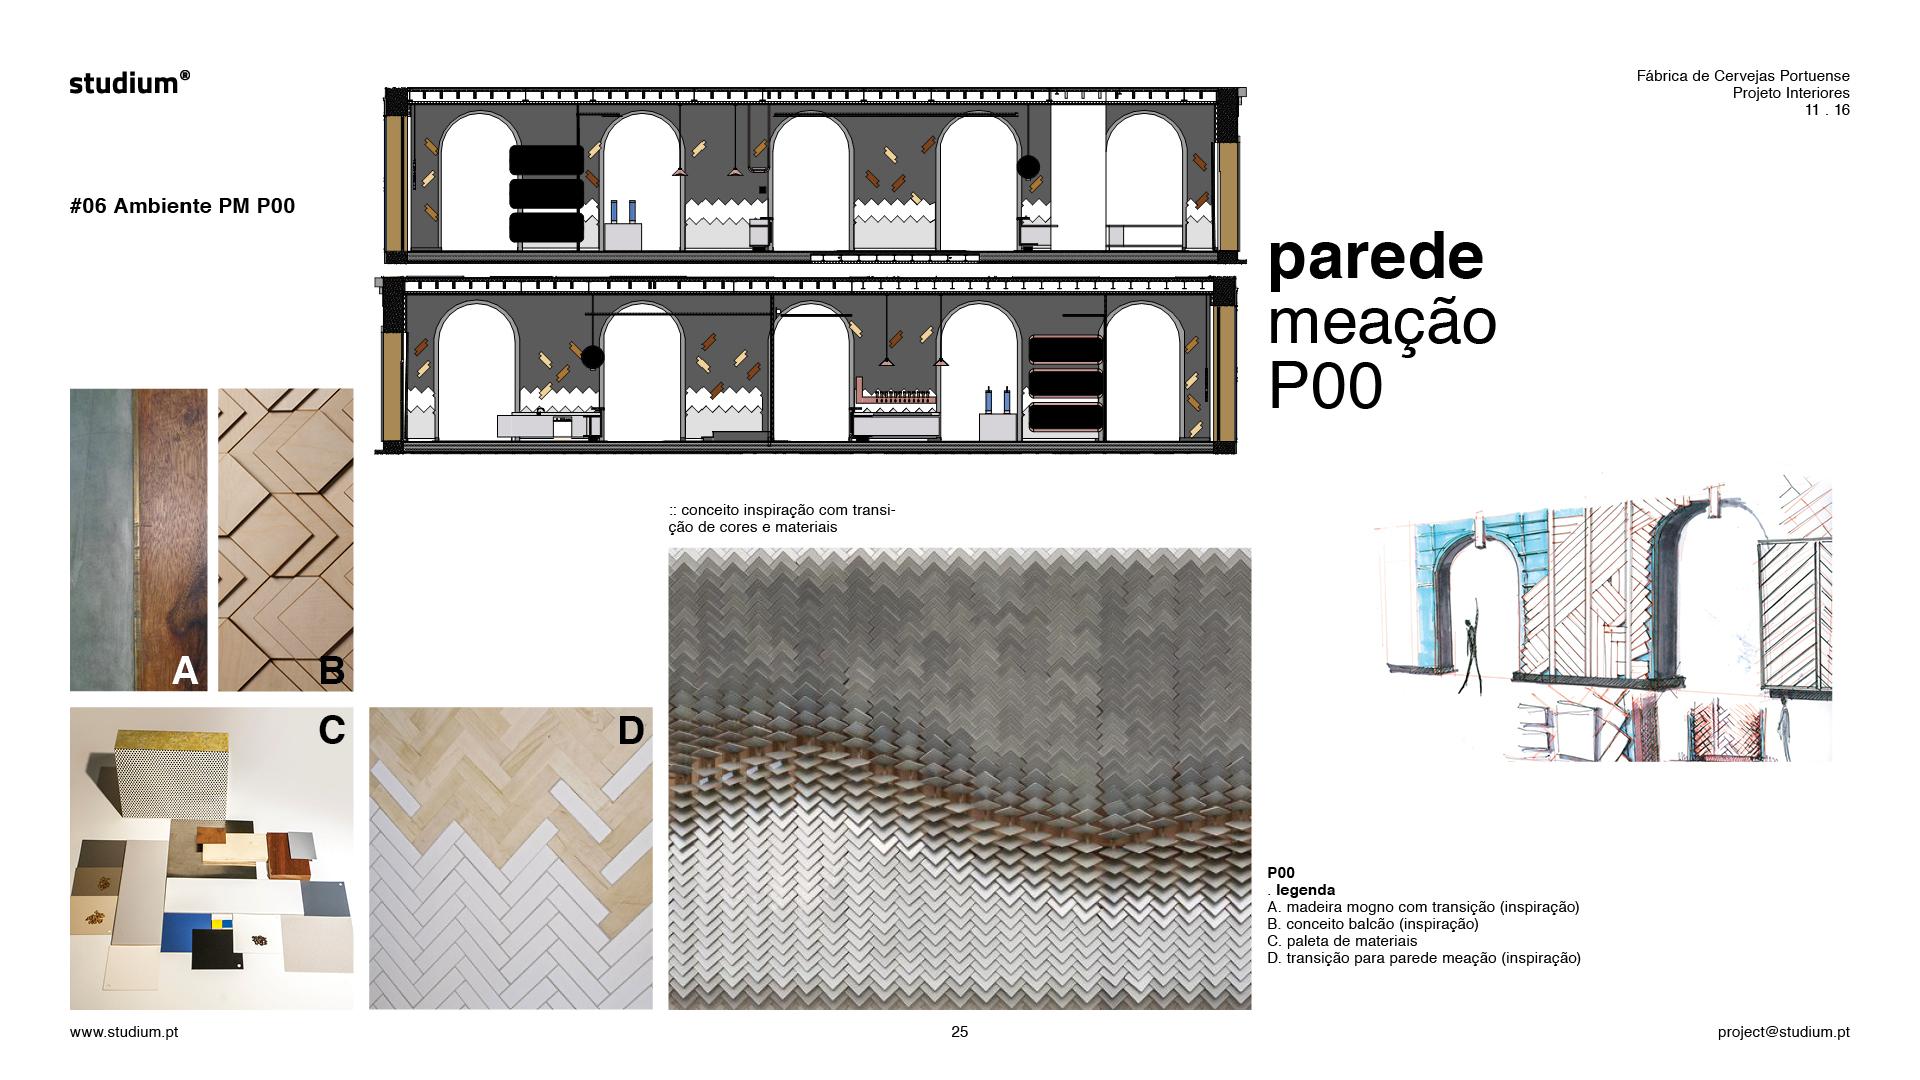 DSN20160033-FCPortuense-Sinaletica-Presentation-T25